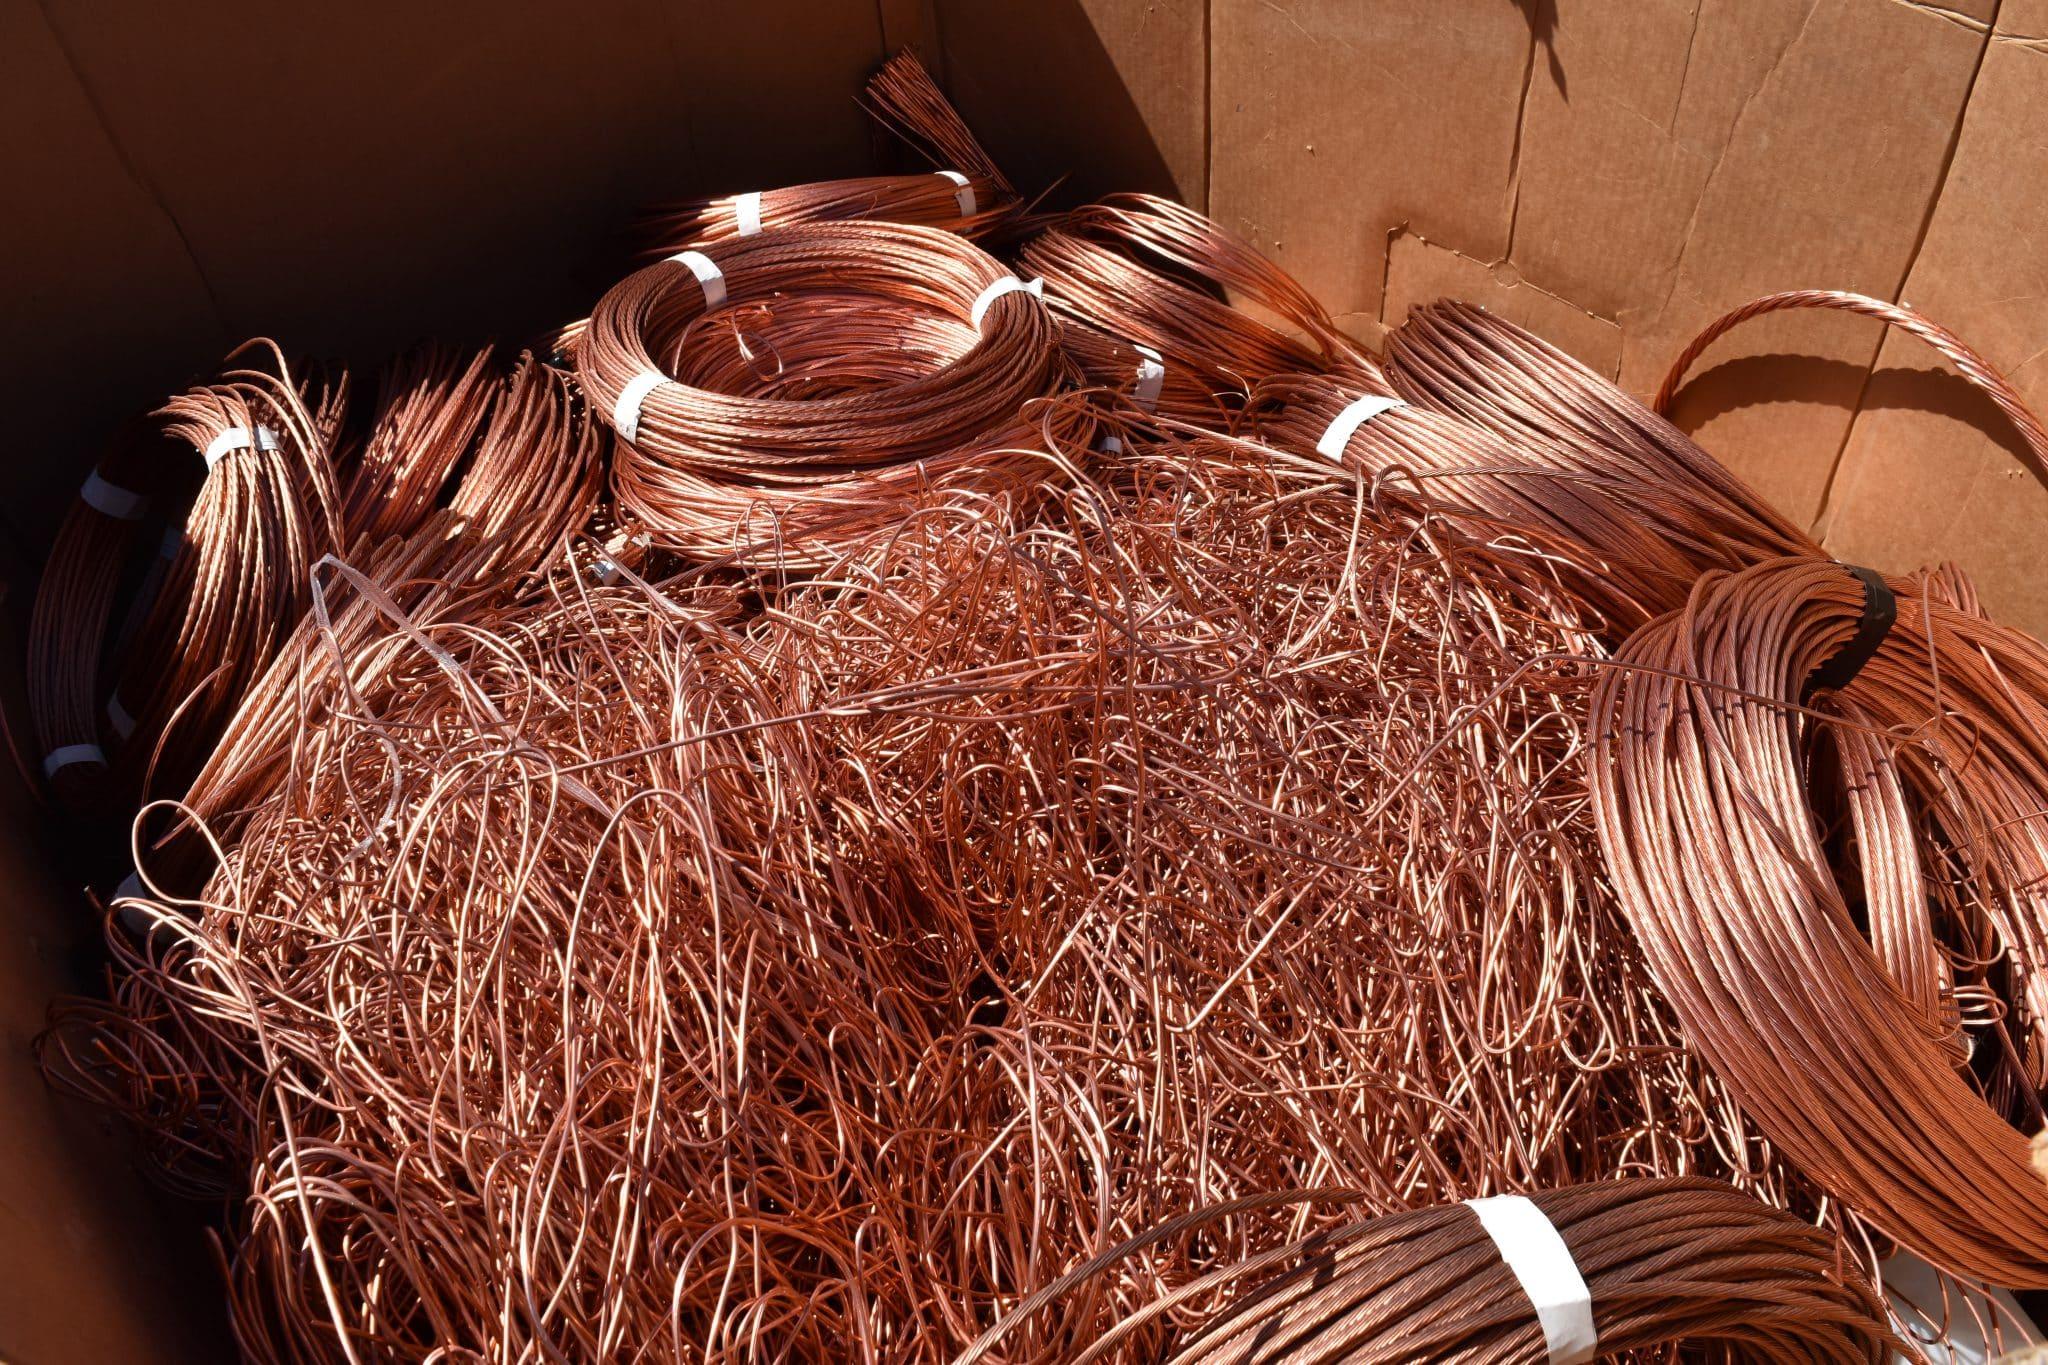 11/9/16 Scrap Price Update: Copper Continues To Rise